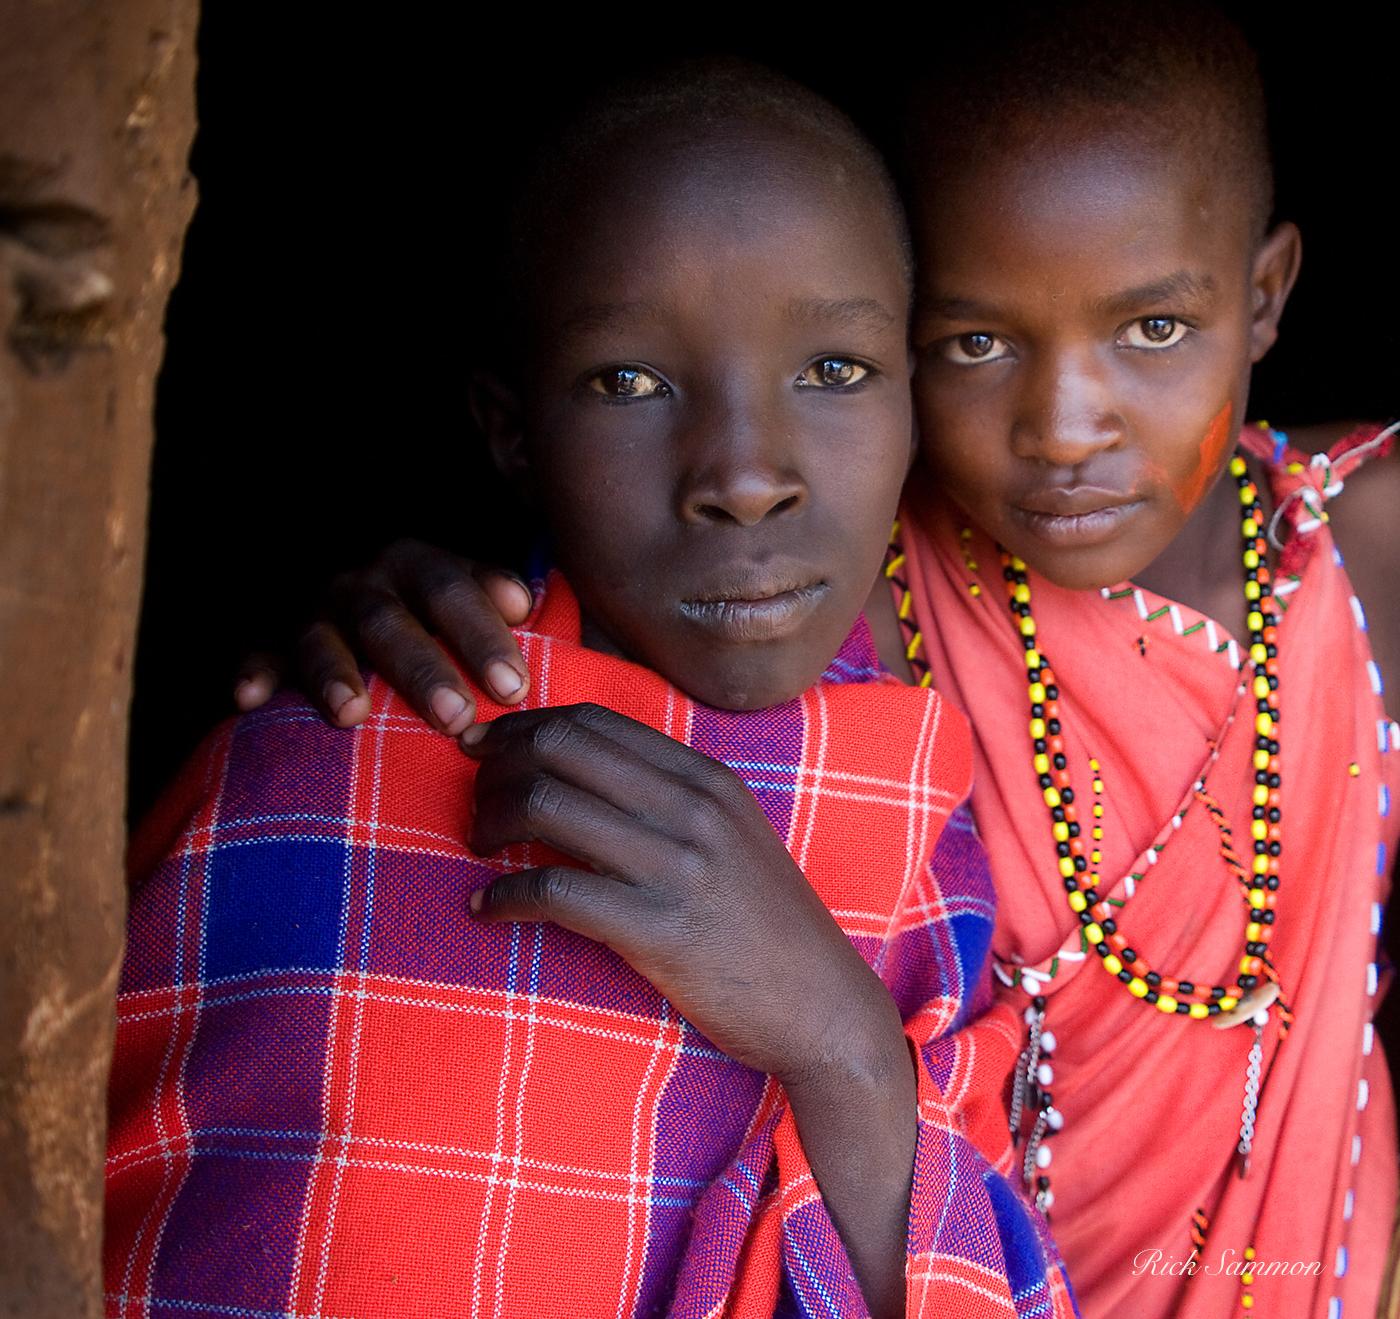 Rick Sammon Kenya 1.jpg